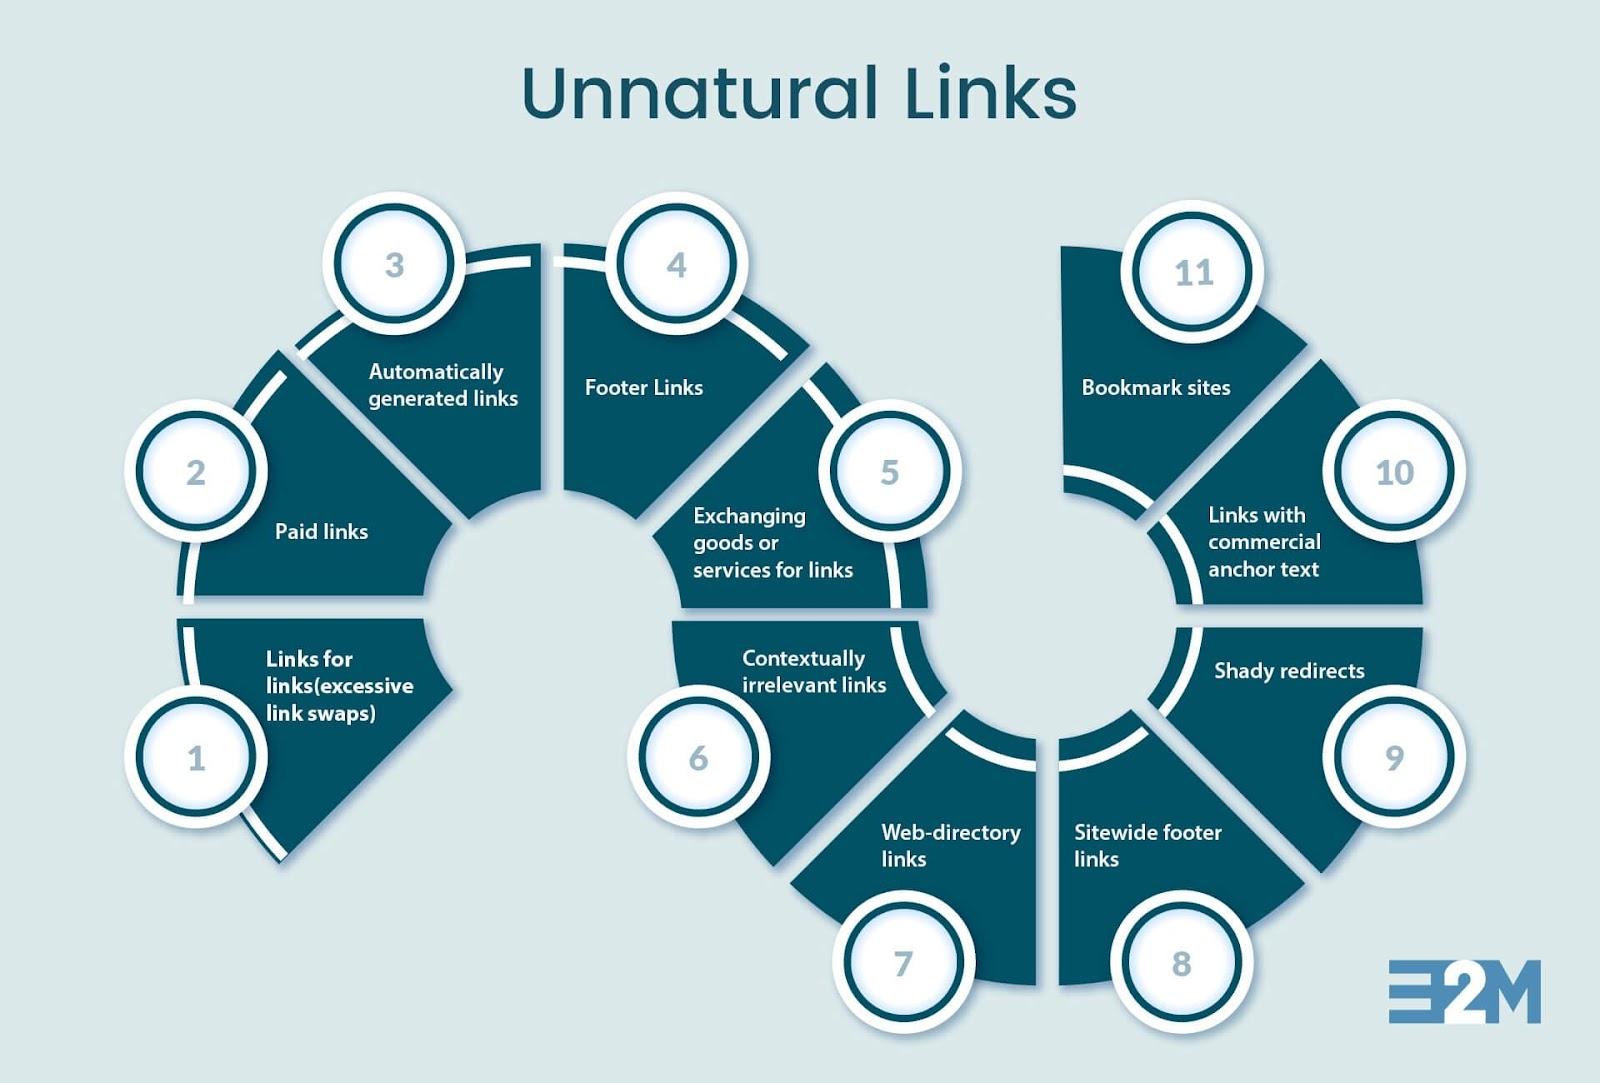 Liên kết không tự nhiên - Các loại khác nhau